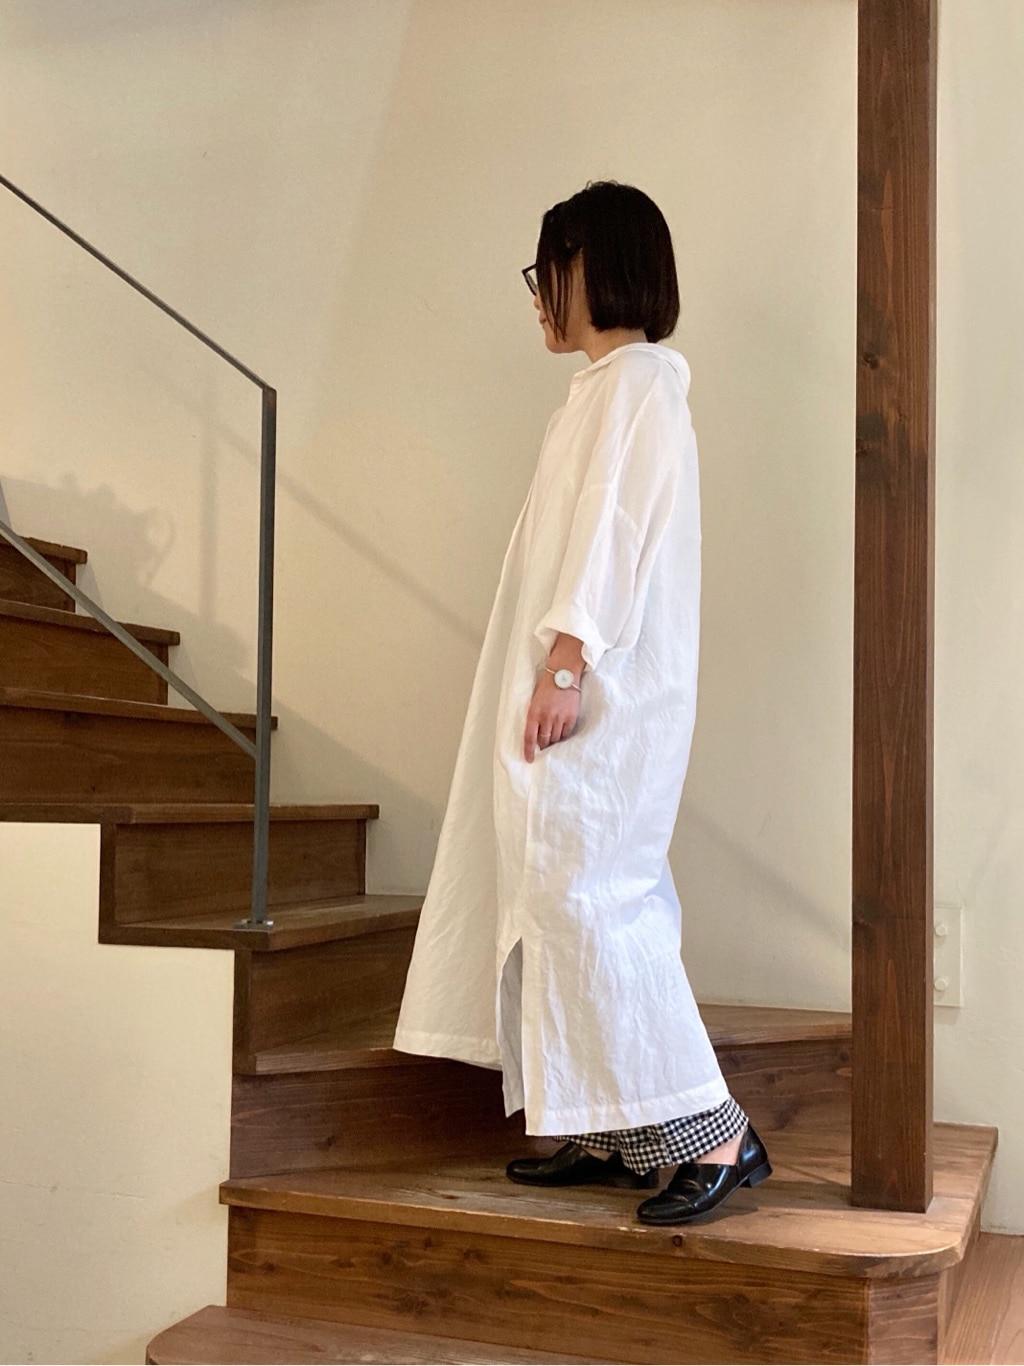 yuni 京都路面 身長:152cm 2021.04.06